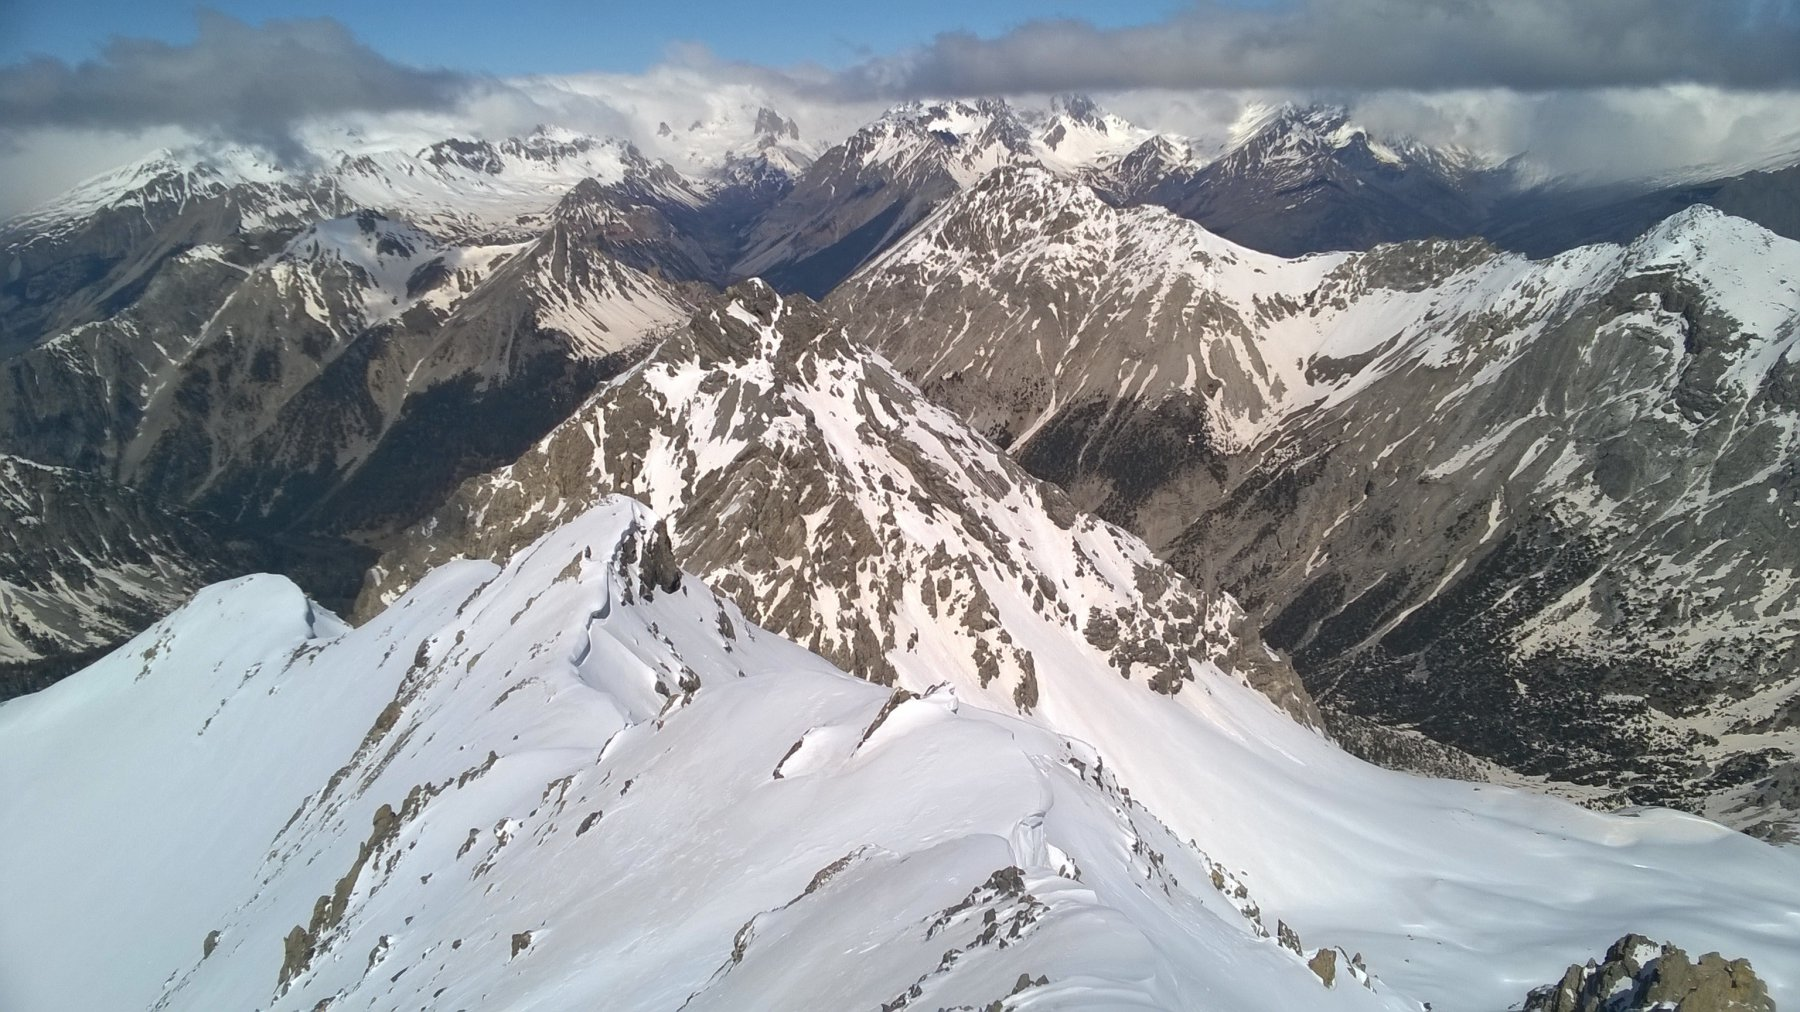 D'infilata la V. Stretta coi Serous, più vicine G. Rossa, Re Magi e Charrà. In primo piano Roche des Près.